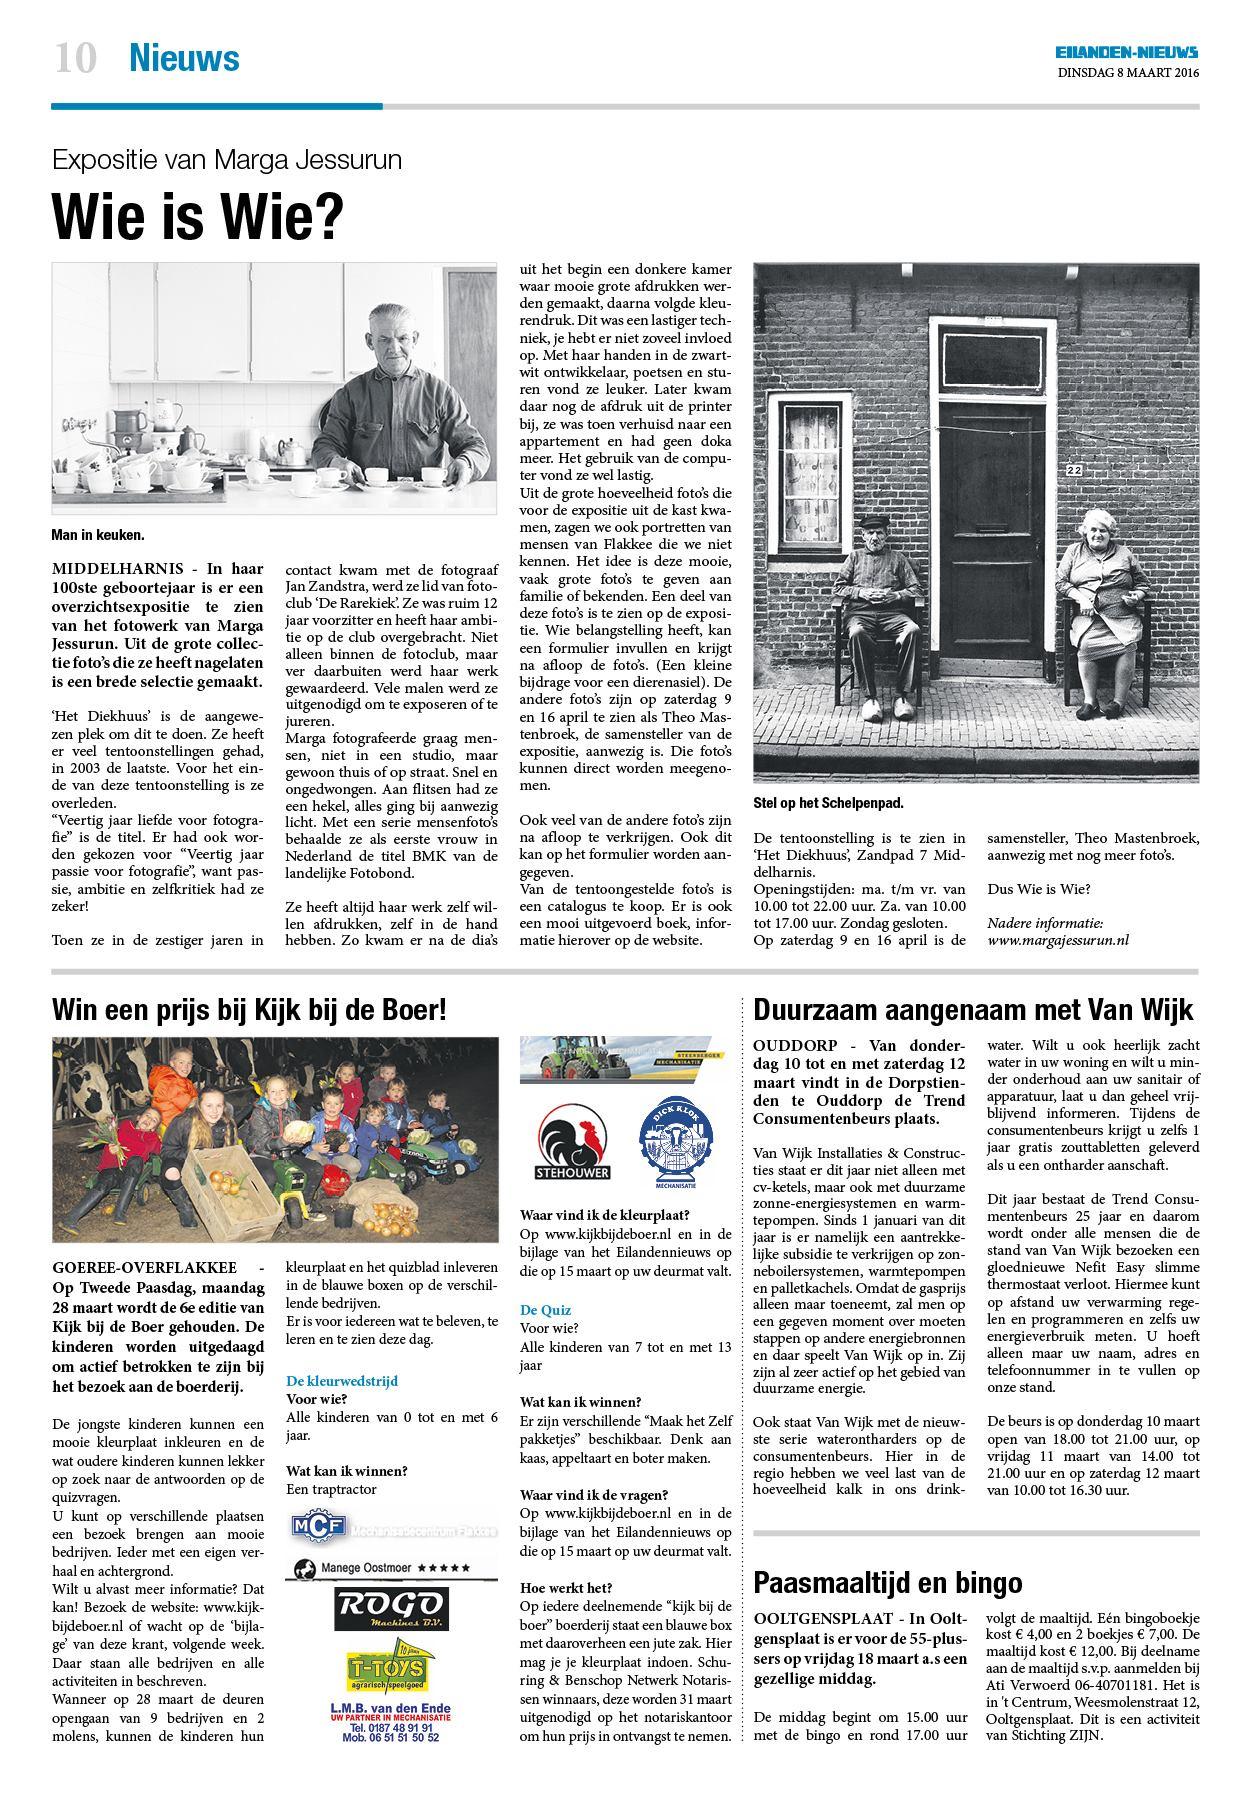 Dinsdag Eilanden Nieuws 8 Maart 2016